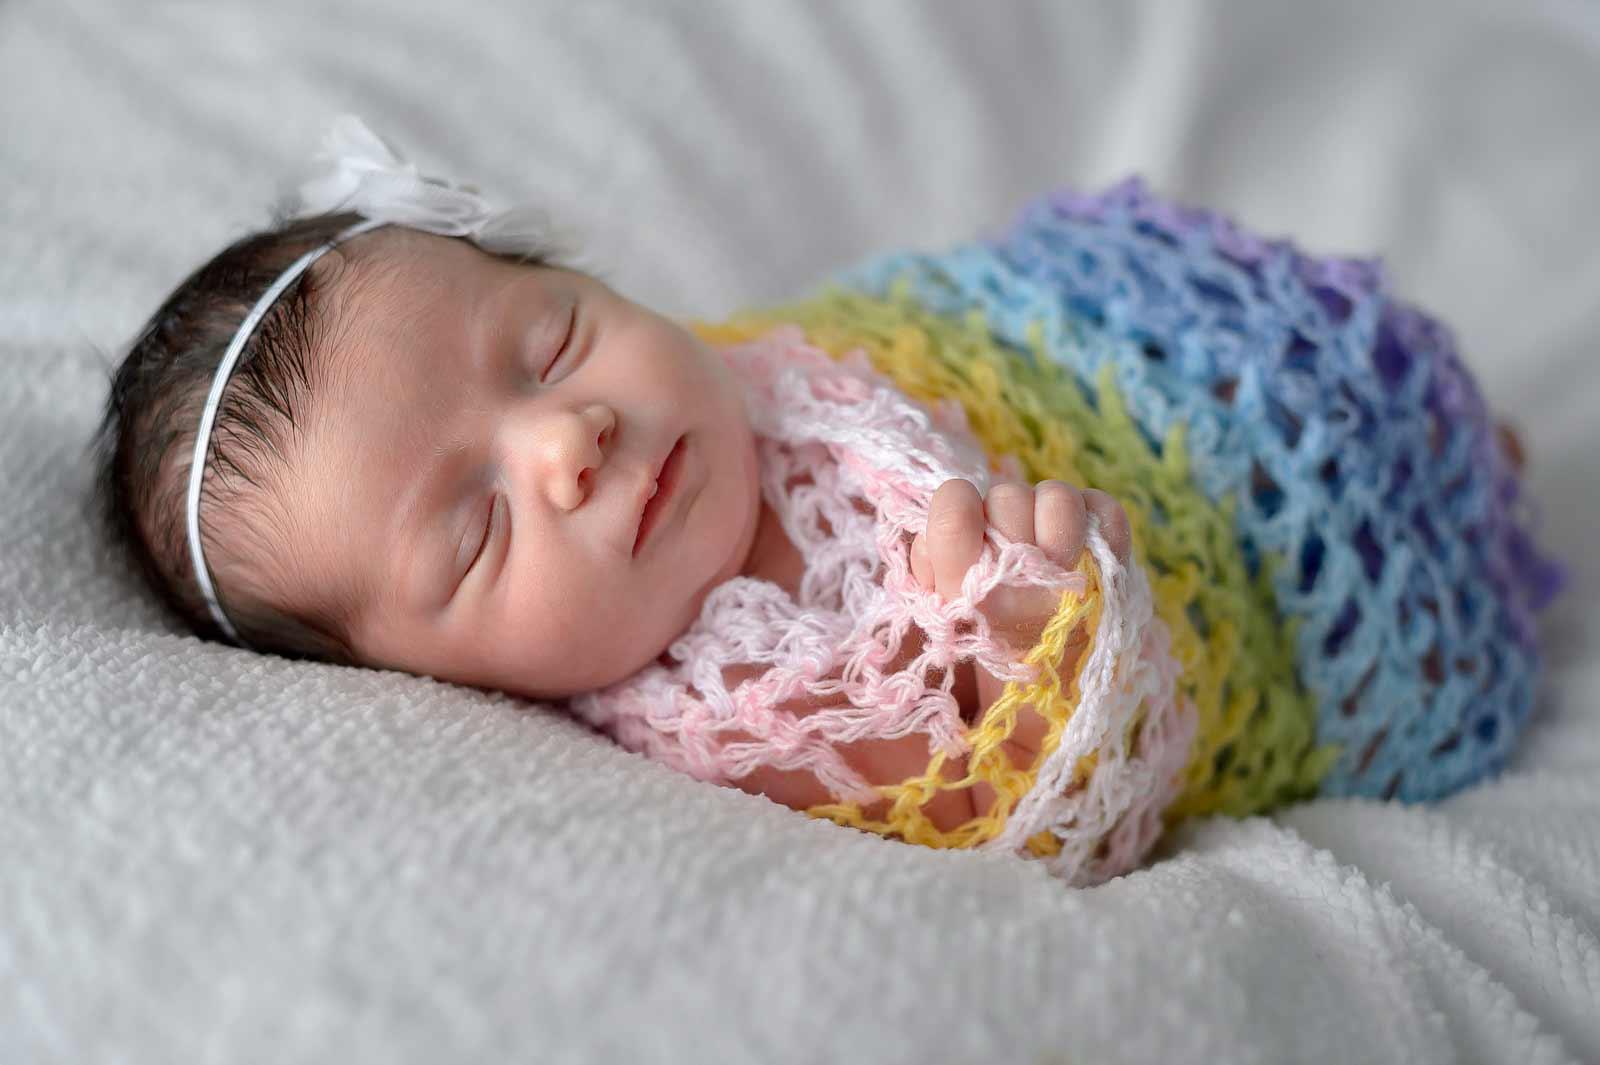 Everly-newborn-sneakpeek-09